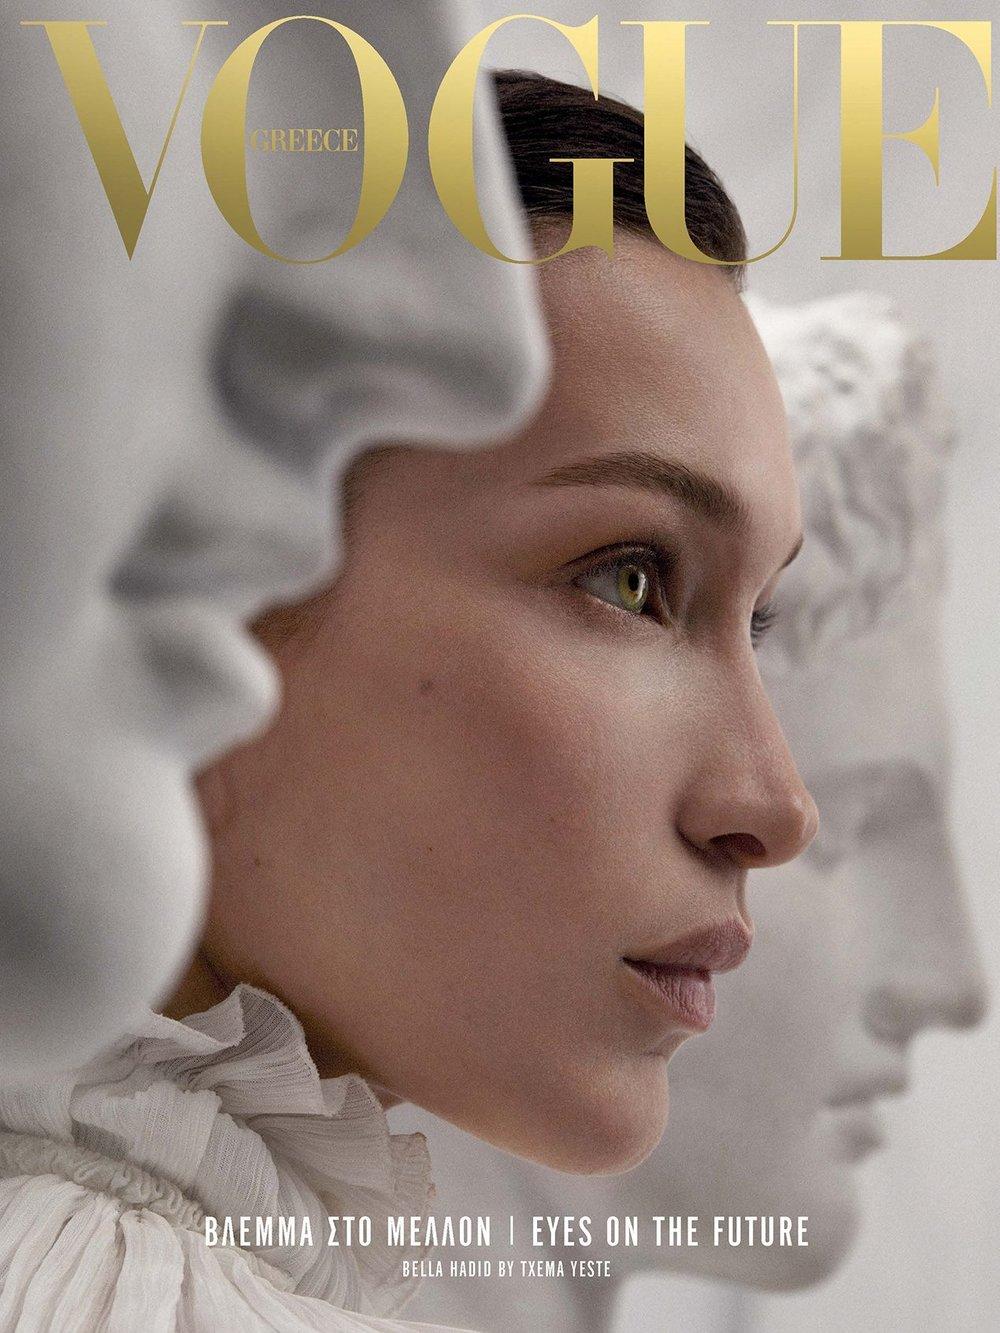 VogueGreece02-vogueint-29mar18-PR-e1554309607554.jpg